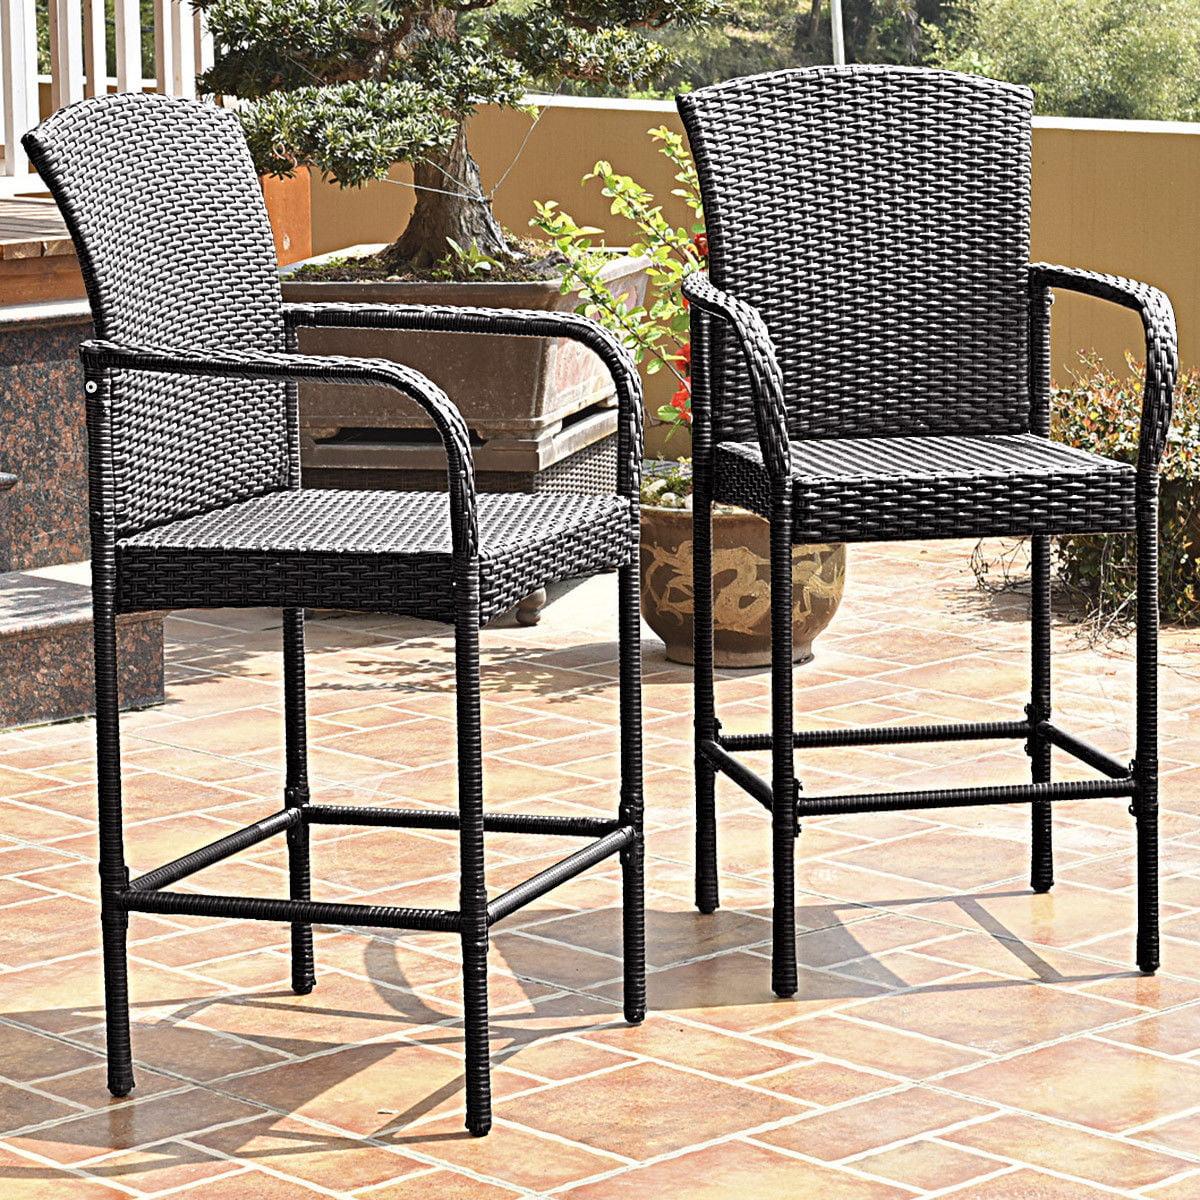 Image of: Costway Wicker Outdoor Bar Stool With Armrests Set Of 2 Walmart Com Walmart Com